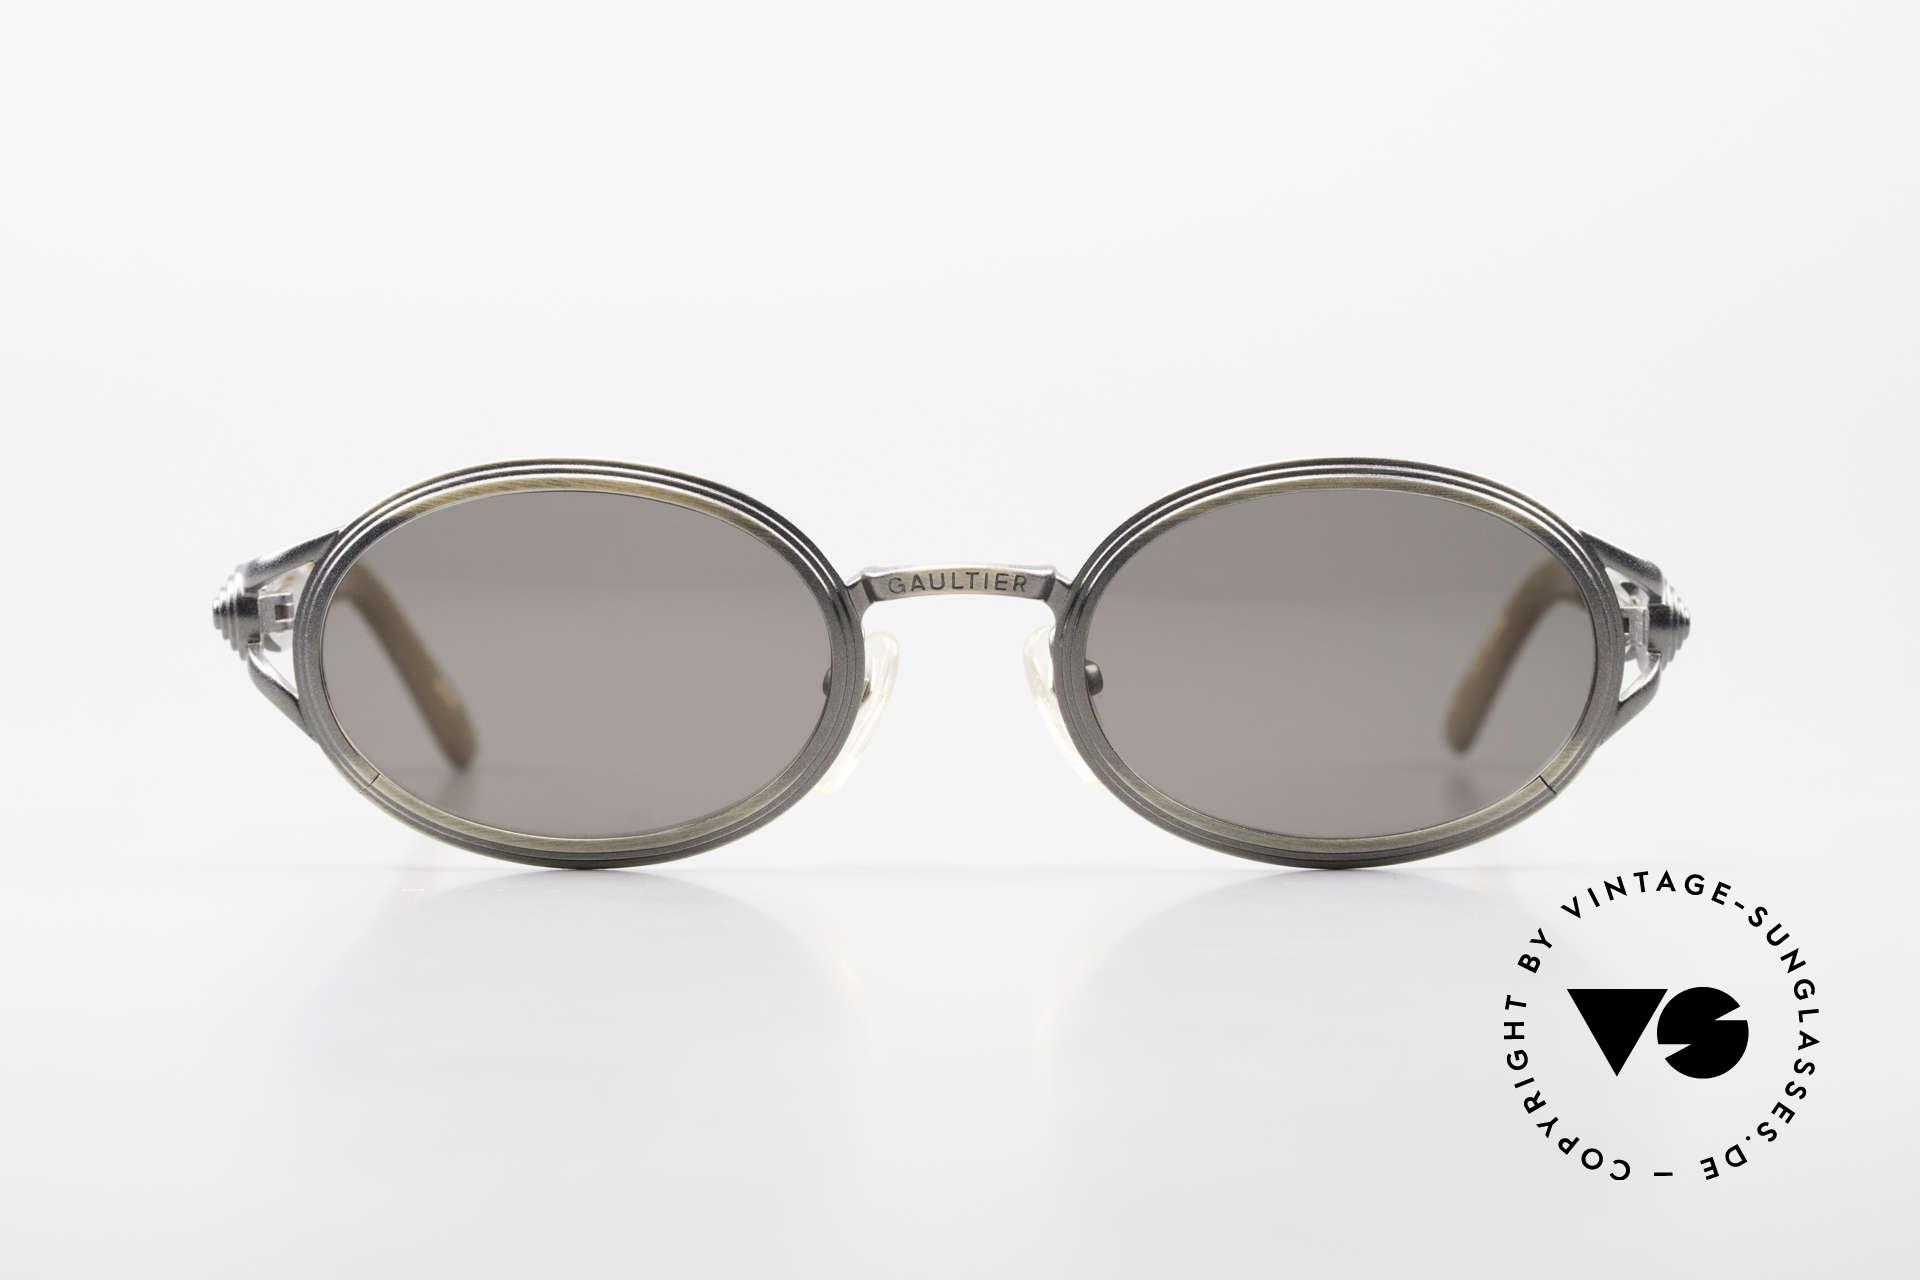 Jean Paul Gaultier 56-7114 Ovale Steampunk Sonnenbrille, wird gerne als 'Steampunk-Sonnenbrille' bezeichnet, Passend für Herren und Damen